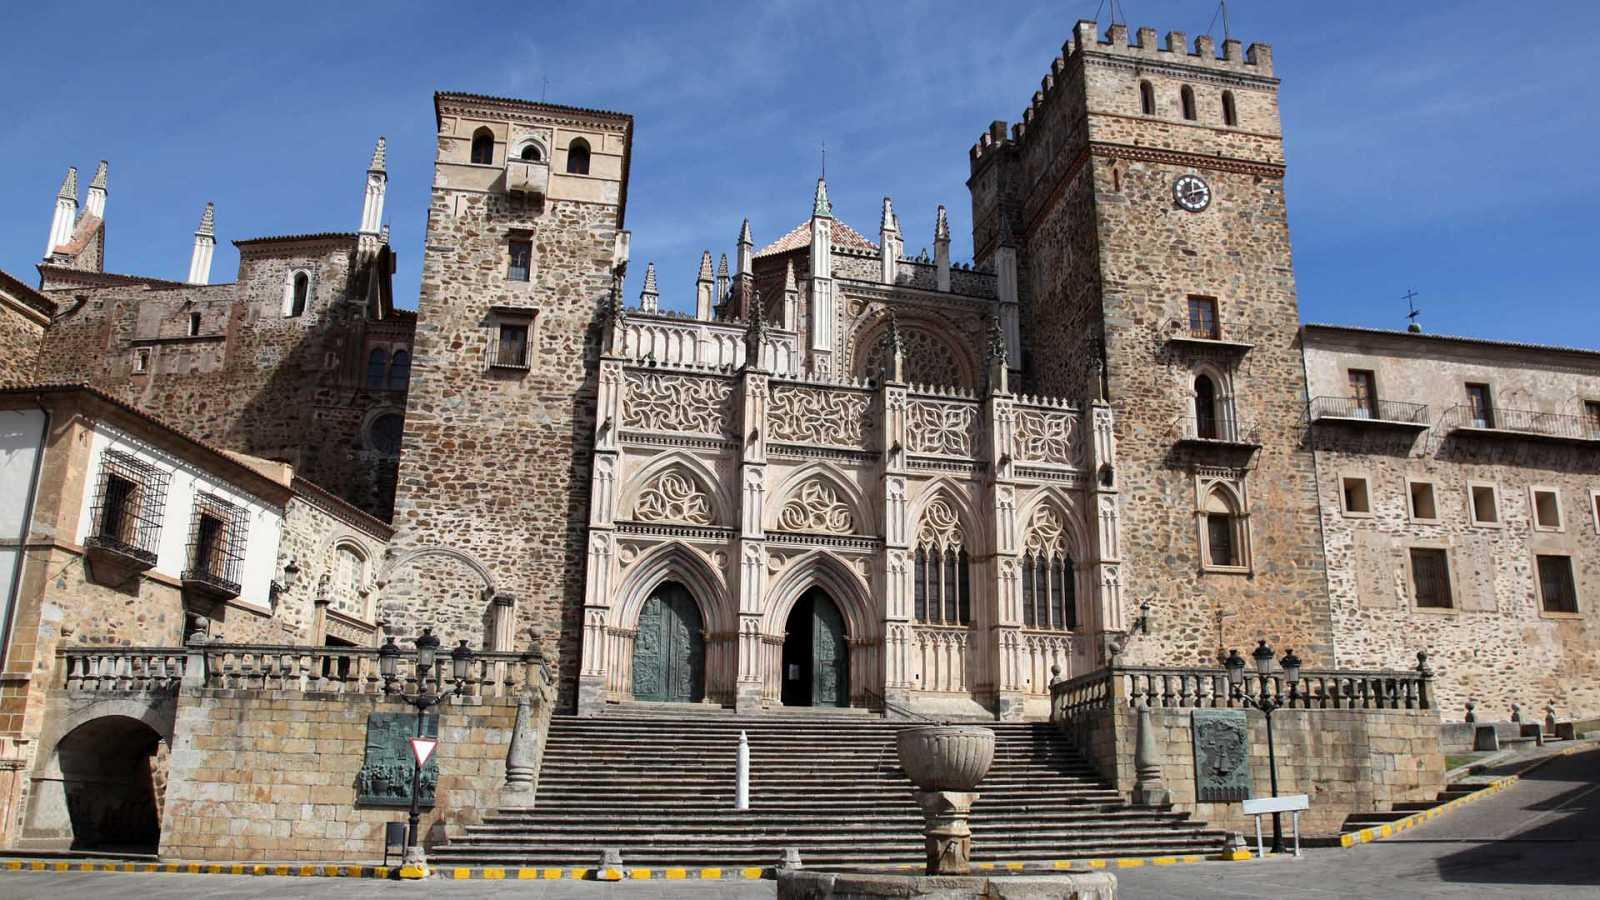 En clave Turismo - Viaje a la provincia de Cáceres, un destino sano y natural - 01/20/21 - escuchar ahora